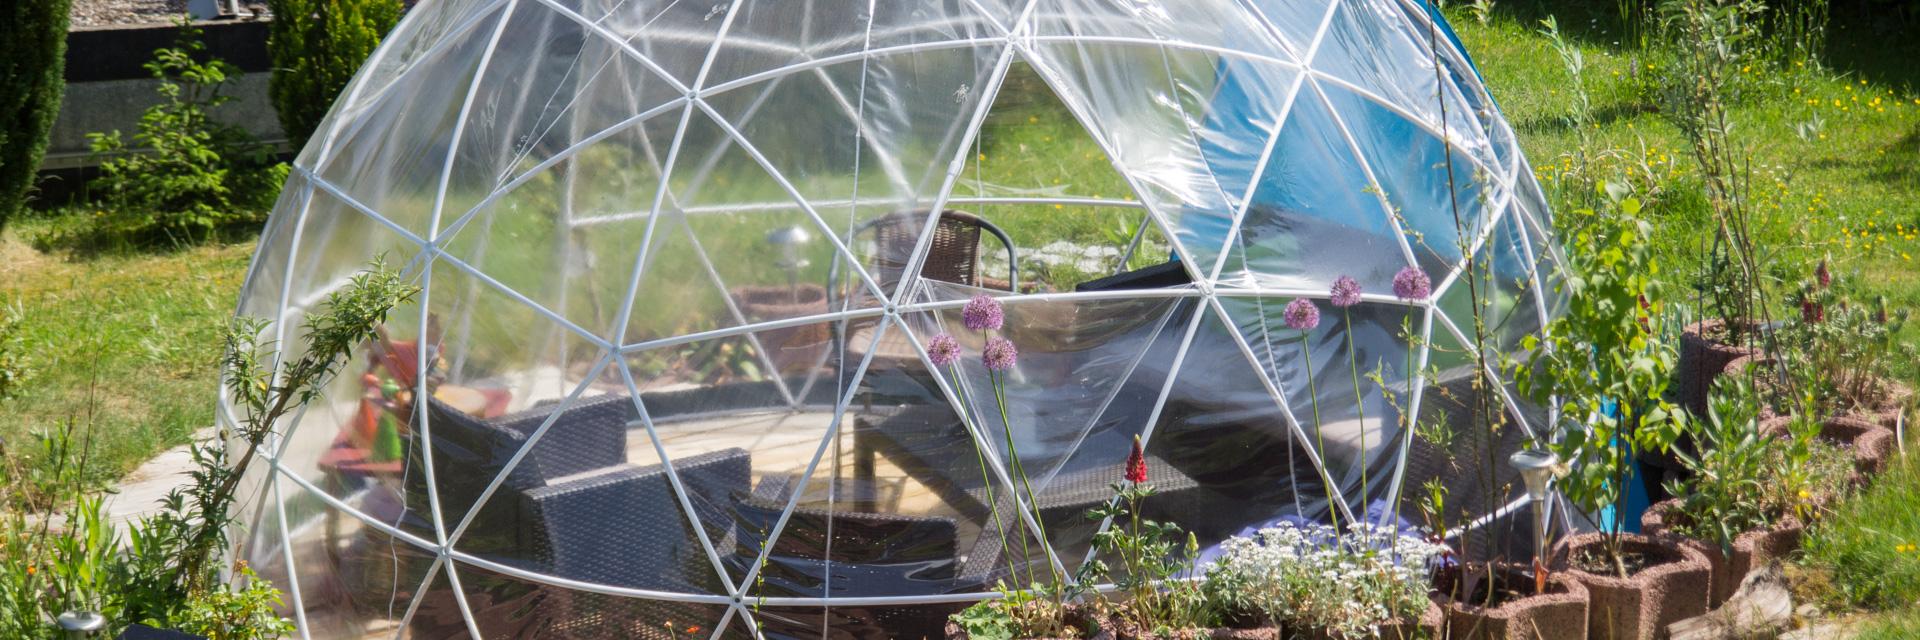 garden igloo garden igloo garden igloo - boisholz, Gartengerate ideen